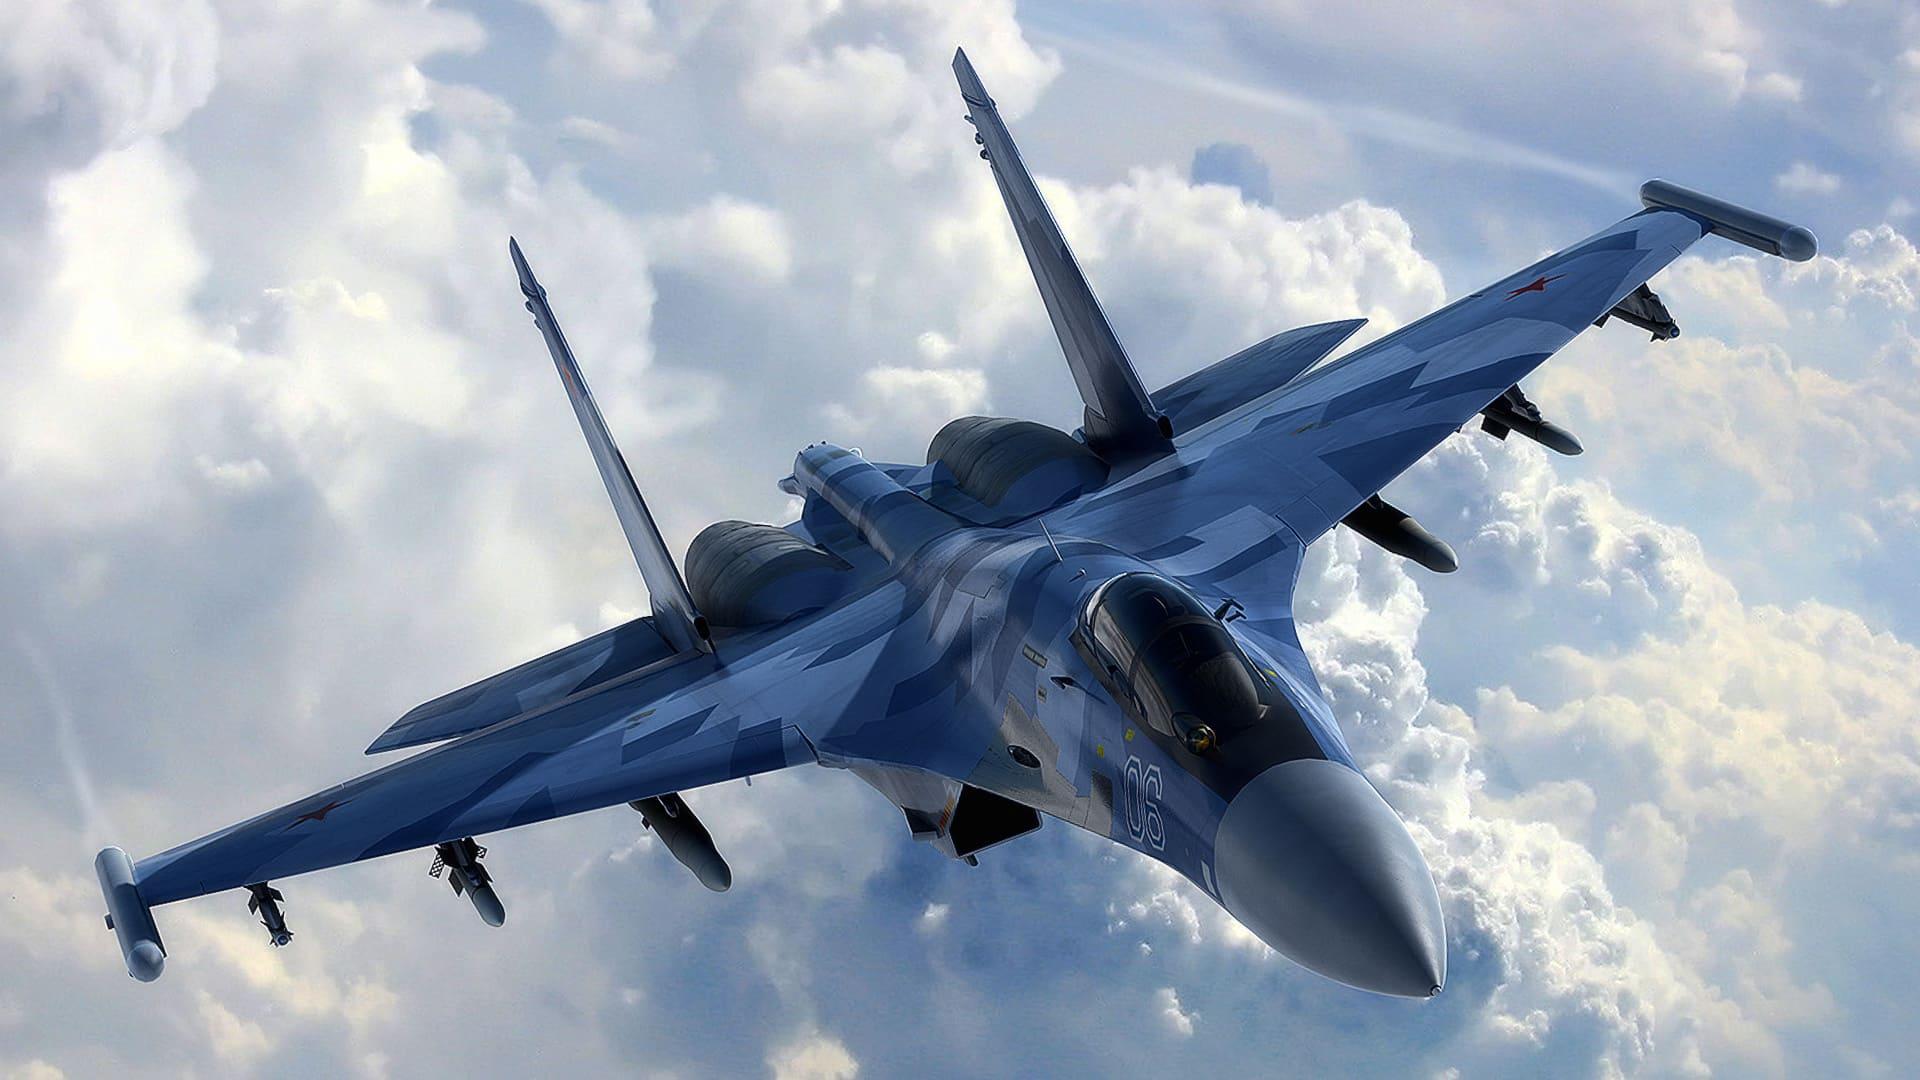 человека, фотообои самолеты россии отбилась исламиста ножом